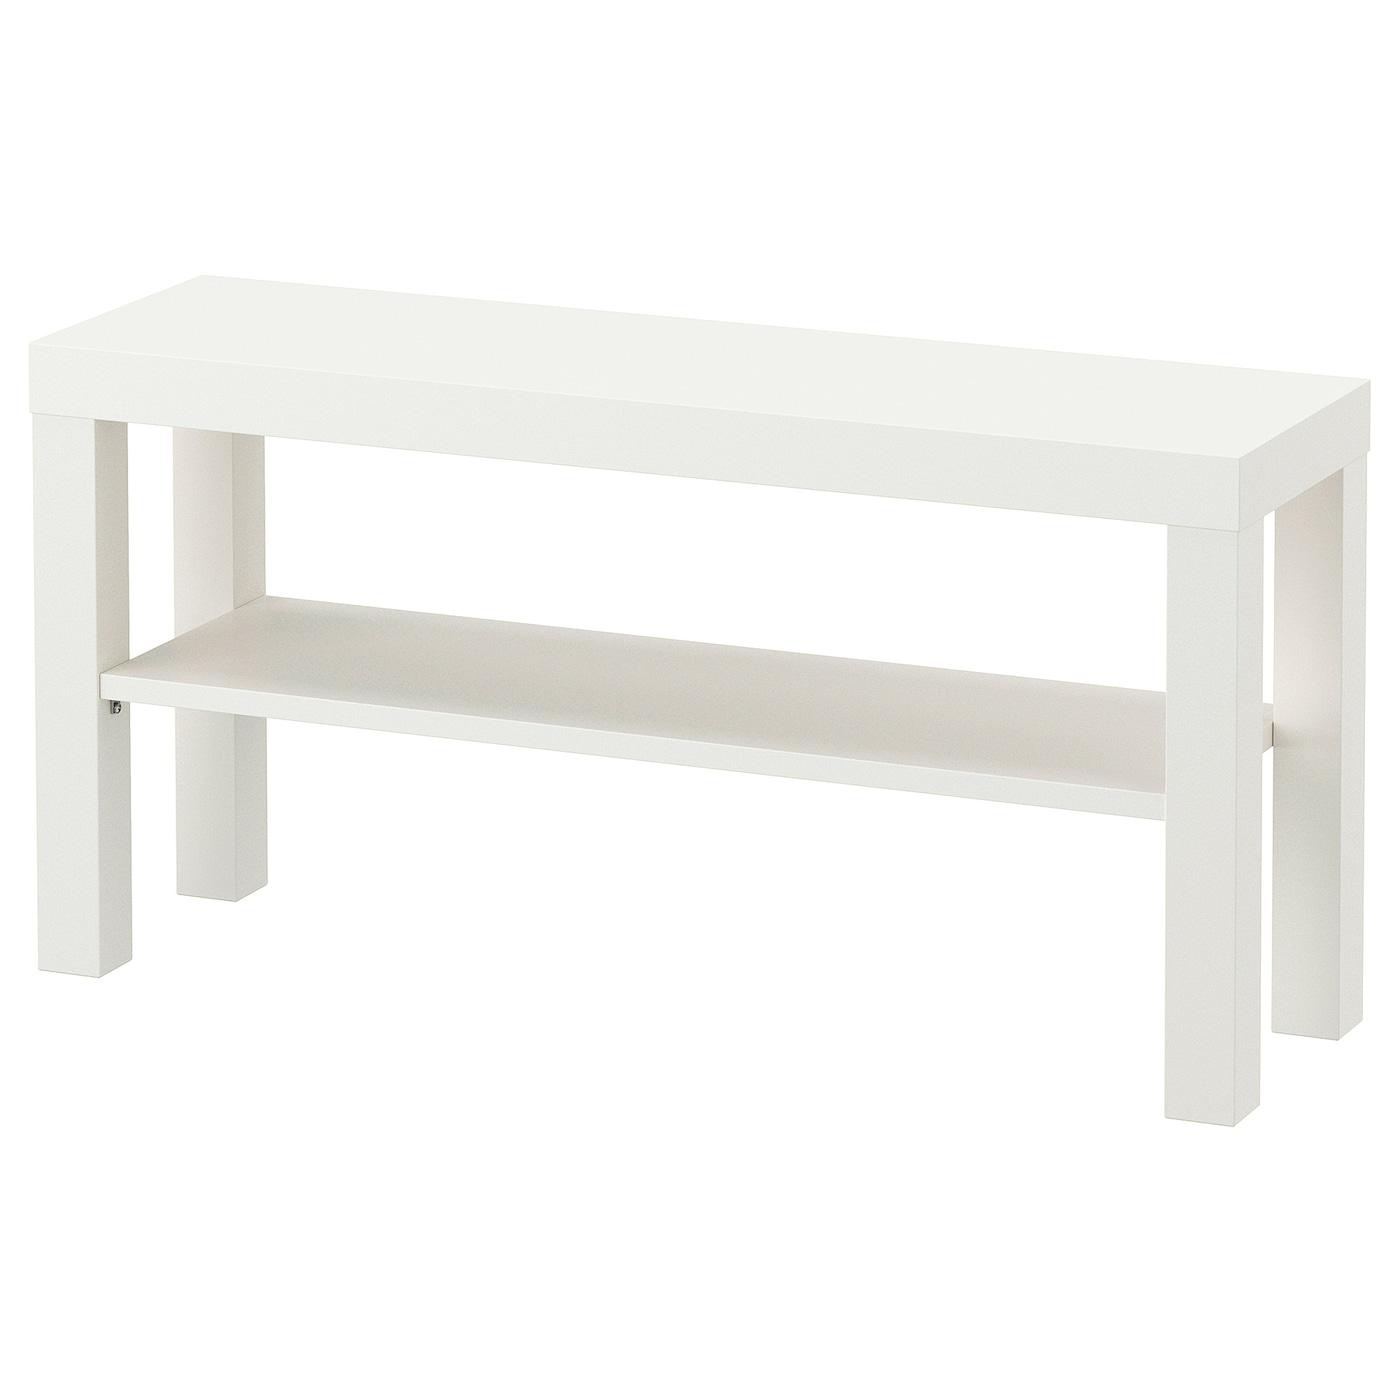 Muebles De Tv Y Muebles Para El Salon Compra Online Ikea